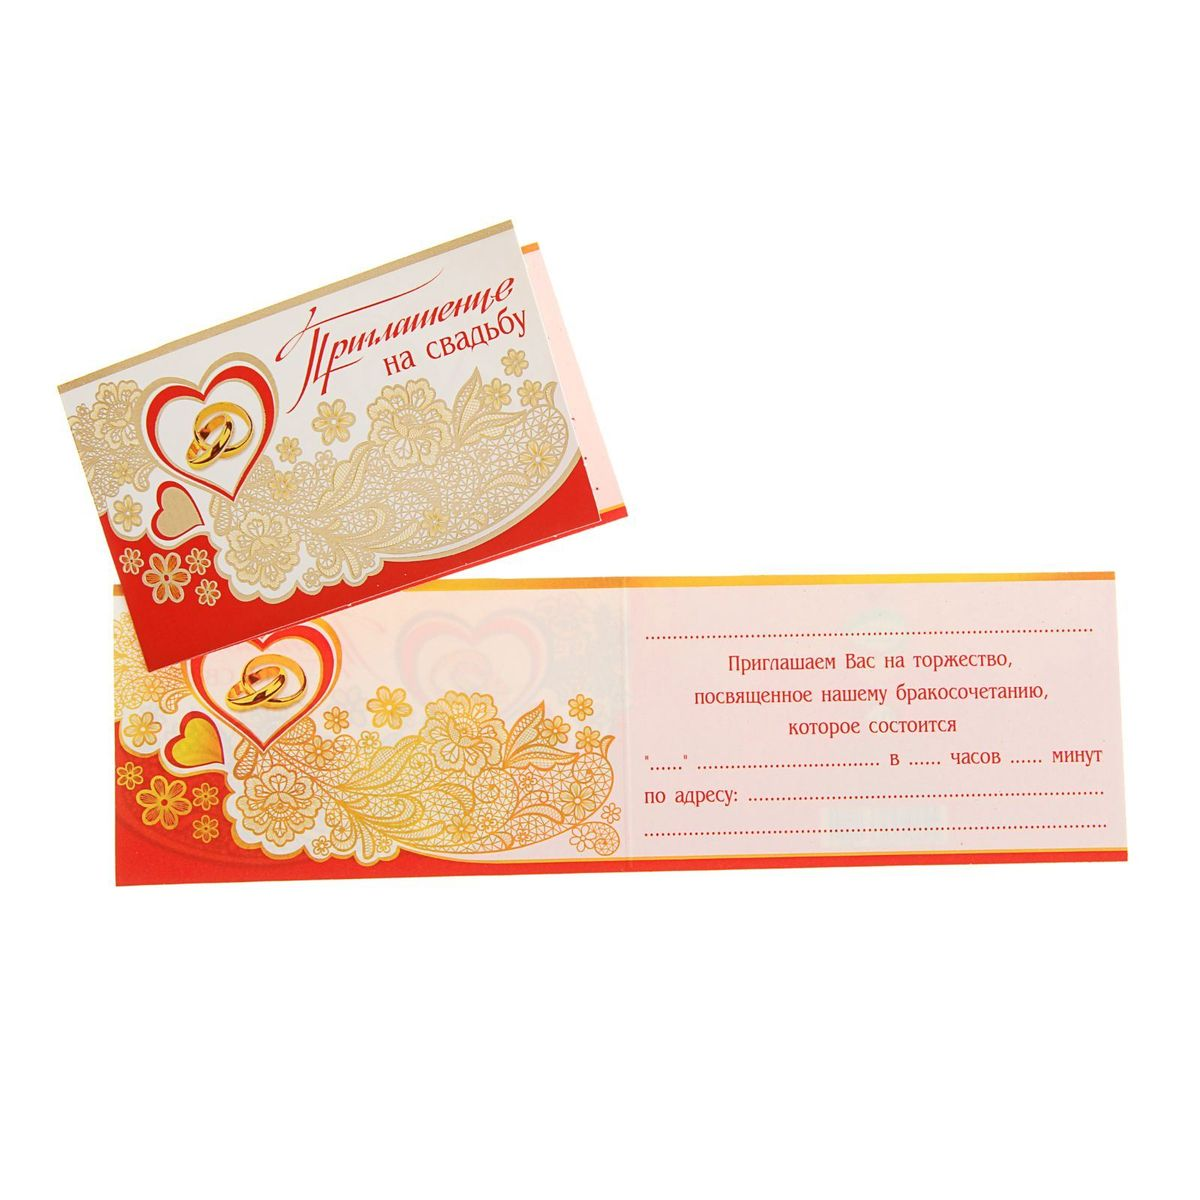 Приглашение на свадьбу Мир открыток Сердце. 13778661377866Приглашение на свадьбу Мир открыток Сердце, выполненное из картона, отличается не только оригинальным дизайном, но и высоким качеством. Лицевая сторона изделия оформлена красивым изображением сердец и колец, а также изящным узорным тиснением фольгой. Внутри содержится поле для записи имени гостя, а также даты и места бракосочетания. Приглашение - один из самых важных элементов вашего торжества. Ведь именно пригласительное письмо станет первым и главным объявлением о том, что вы решили провести столь важное мероприятие. И эта новость обязательно должна быть преподнесена достойным образом. Приглашение - весомая часть всей концепции праздника.